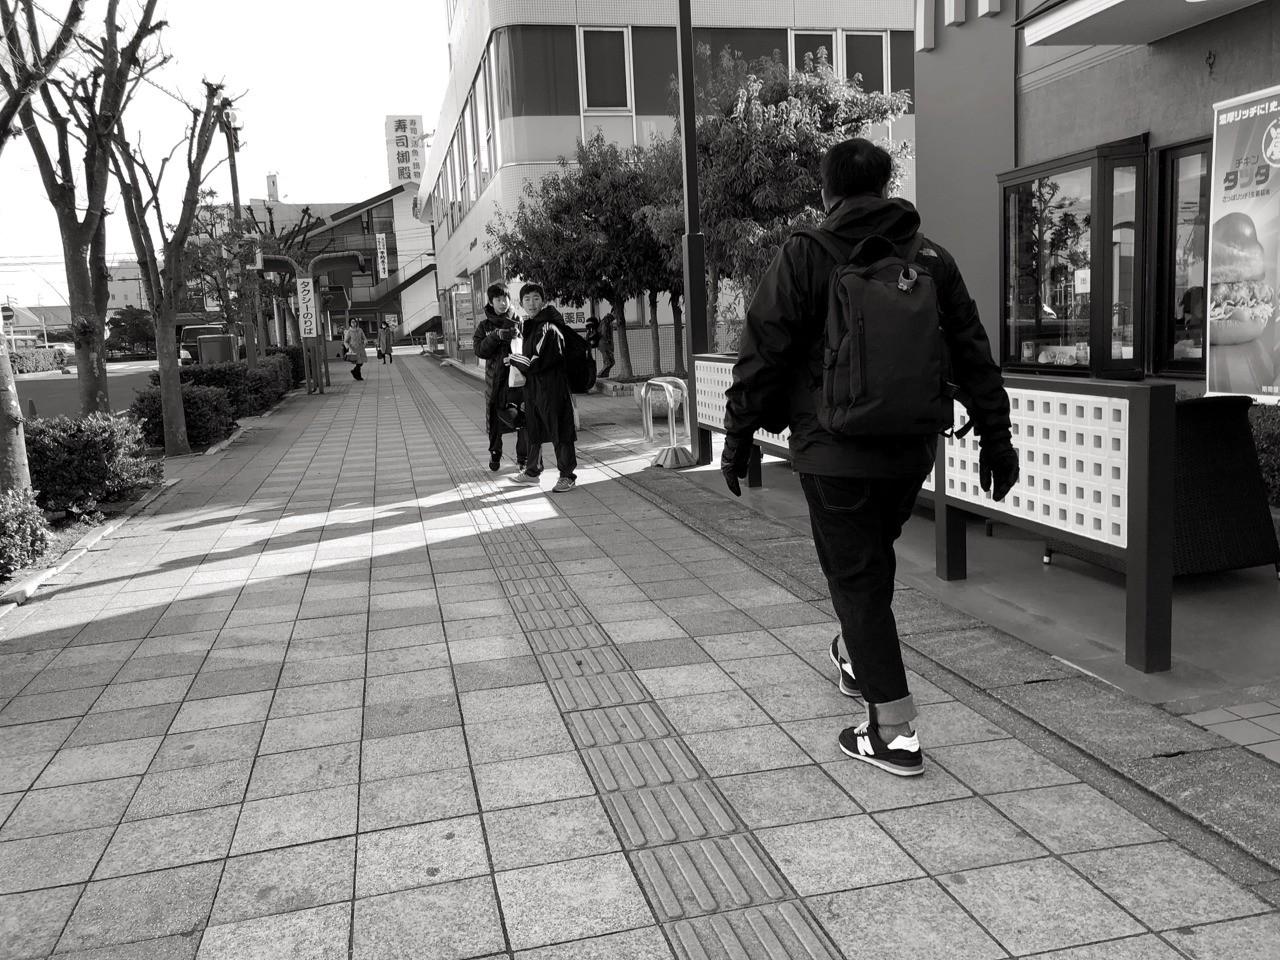 Street scene Nagoya iPhone X Lenka app